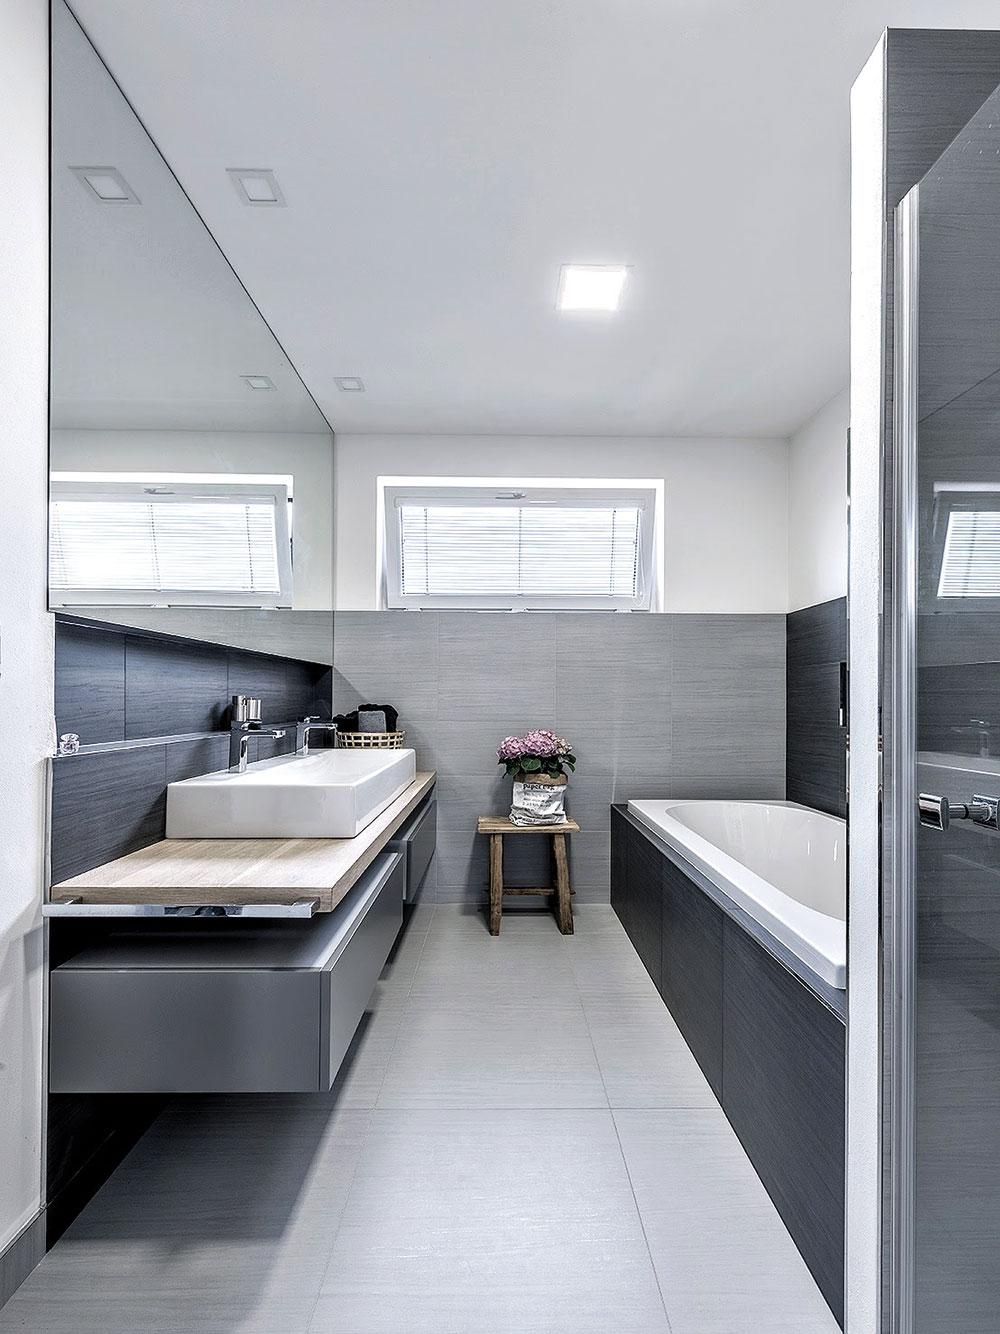 Přestože je koupelna relativně úzká, opticky ji zvětšuje velké zrcadlo nad umyvadlem. FOTO KLÁRA DAVIDOVÁ